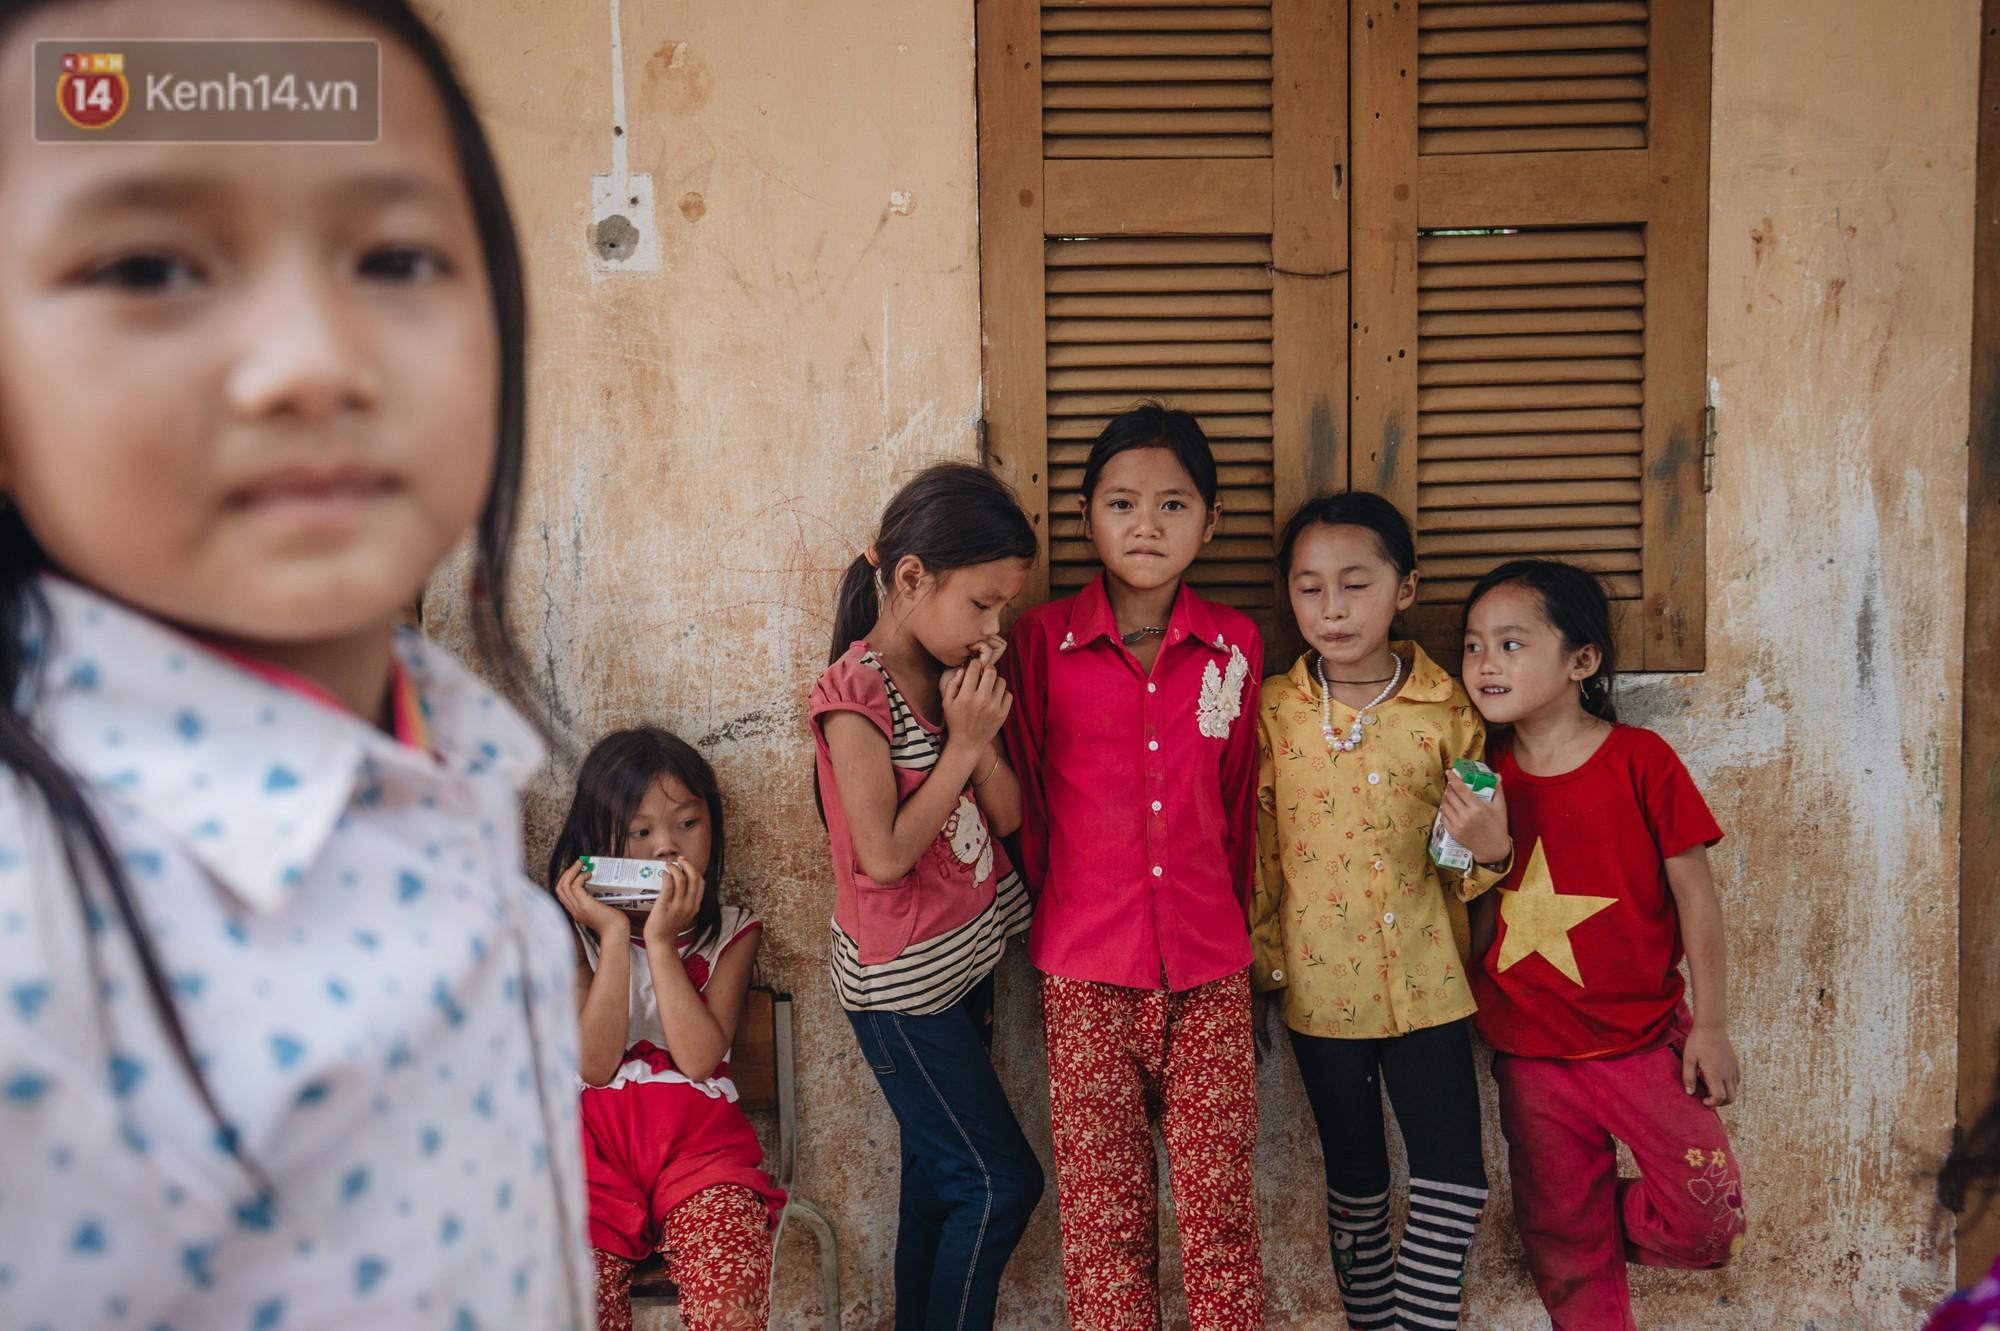 Ánh mắt kiên cường và nụ cười hồn nhiên của trẻ em Hà Giang sau trận lũ đau thương khiến 5 người chết, hàng trăm ngôi nhà đổ nát - Ảnh 6.